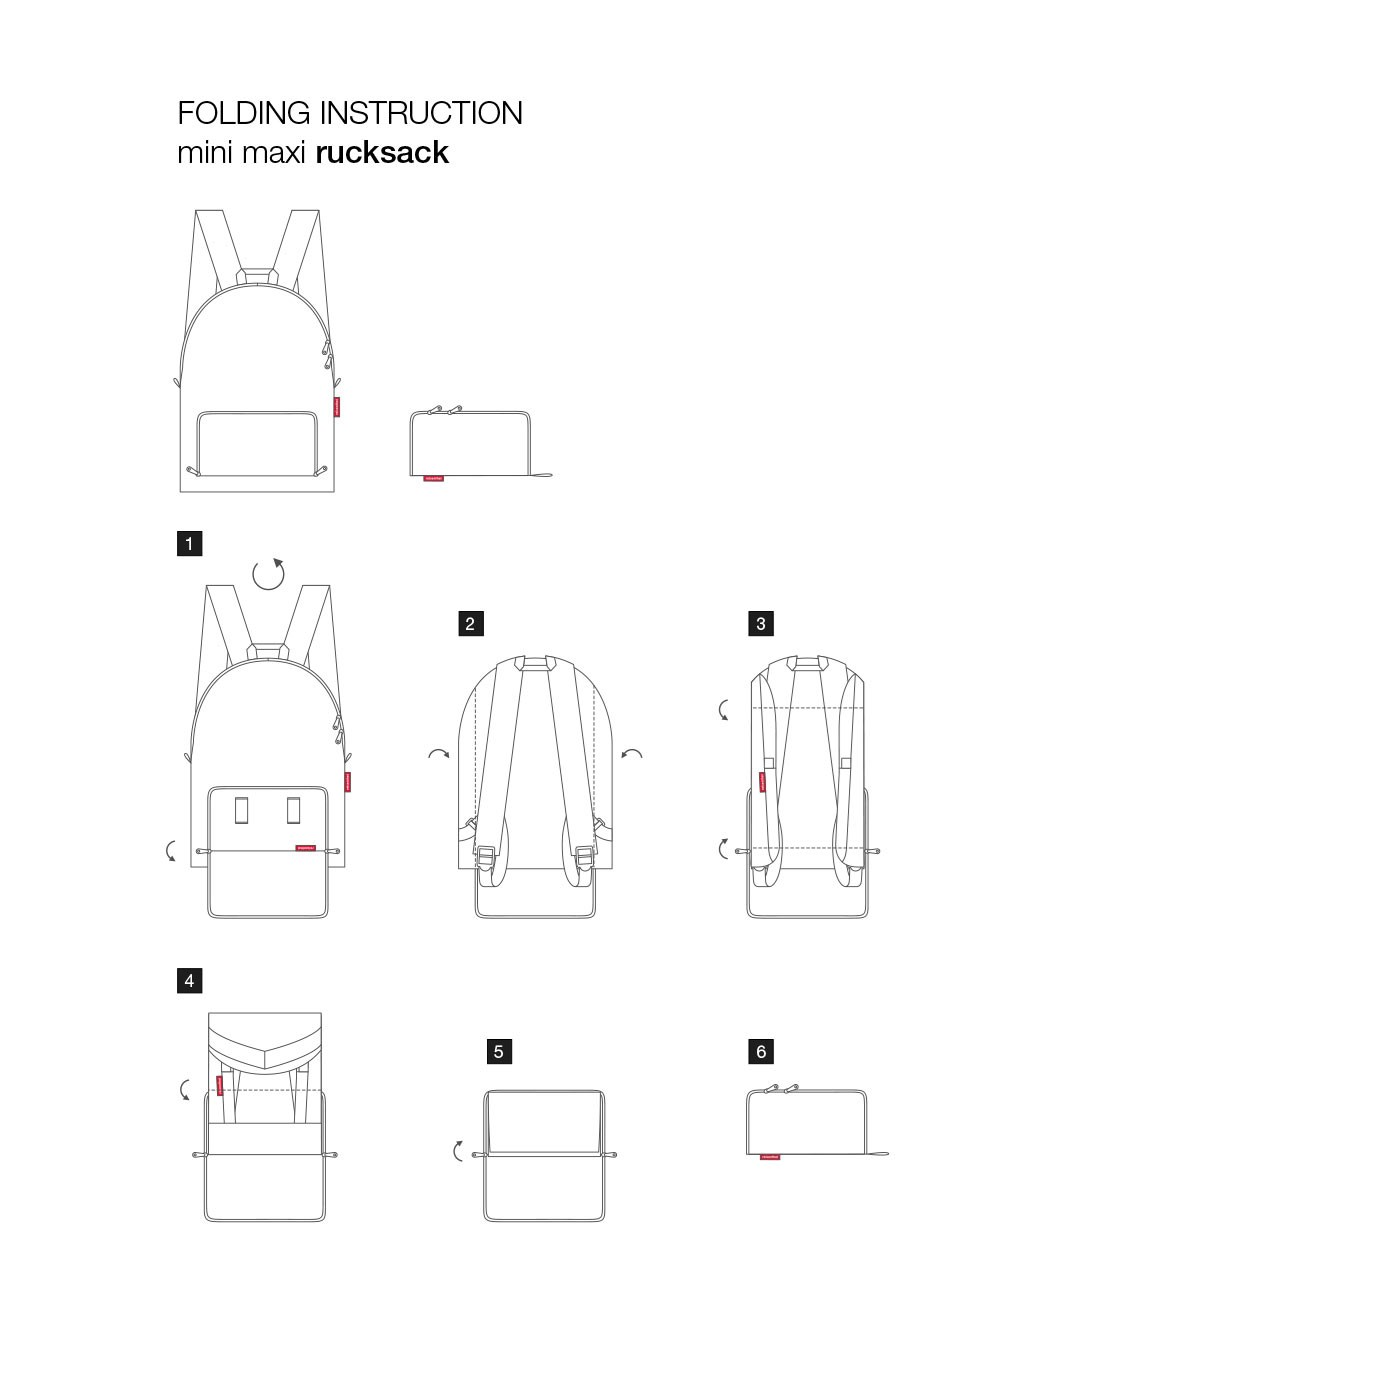 Skládací batoh Mini Maxi Rucksack floral 1_1